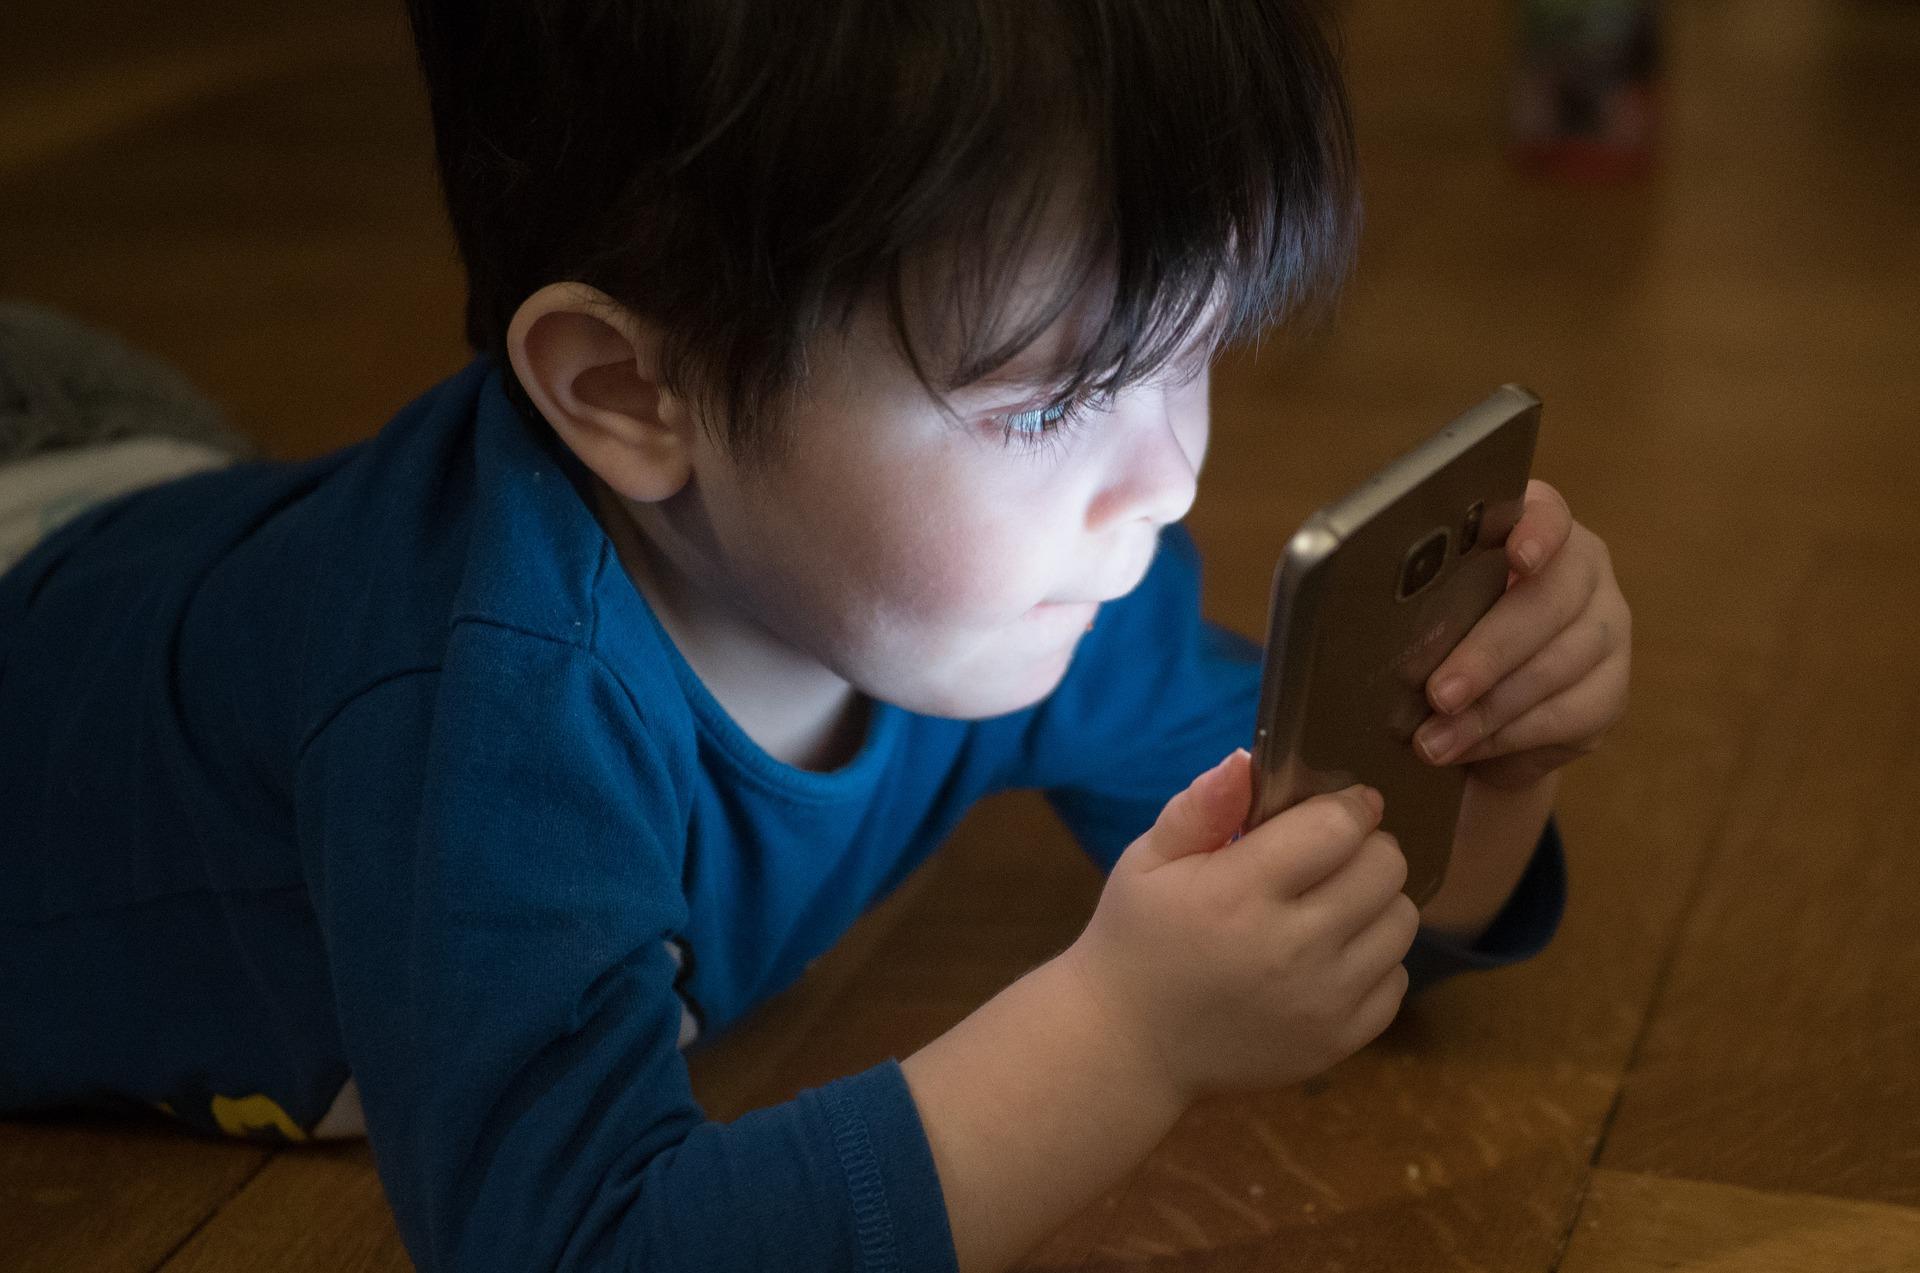 Nieuwsbericht: Verenigd Koninkrijk komt met 'best-practise' gedragscode voor online diensten minderjarigen